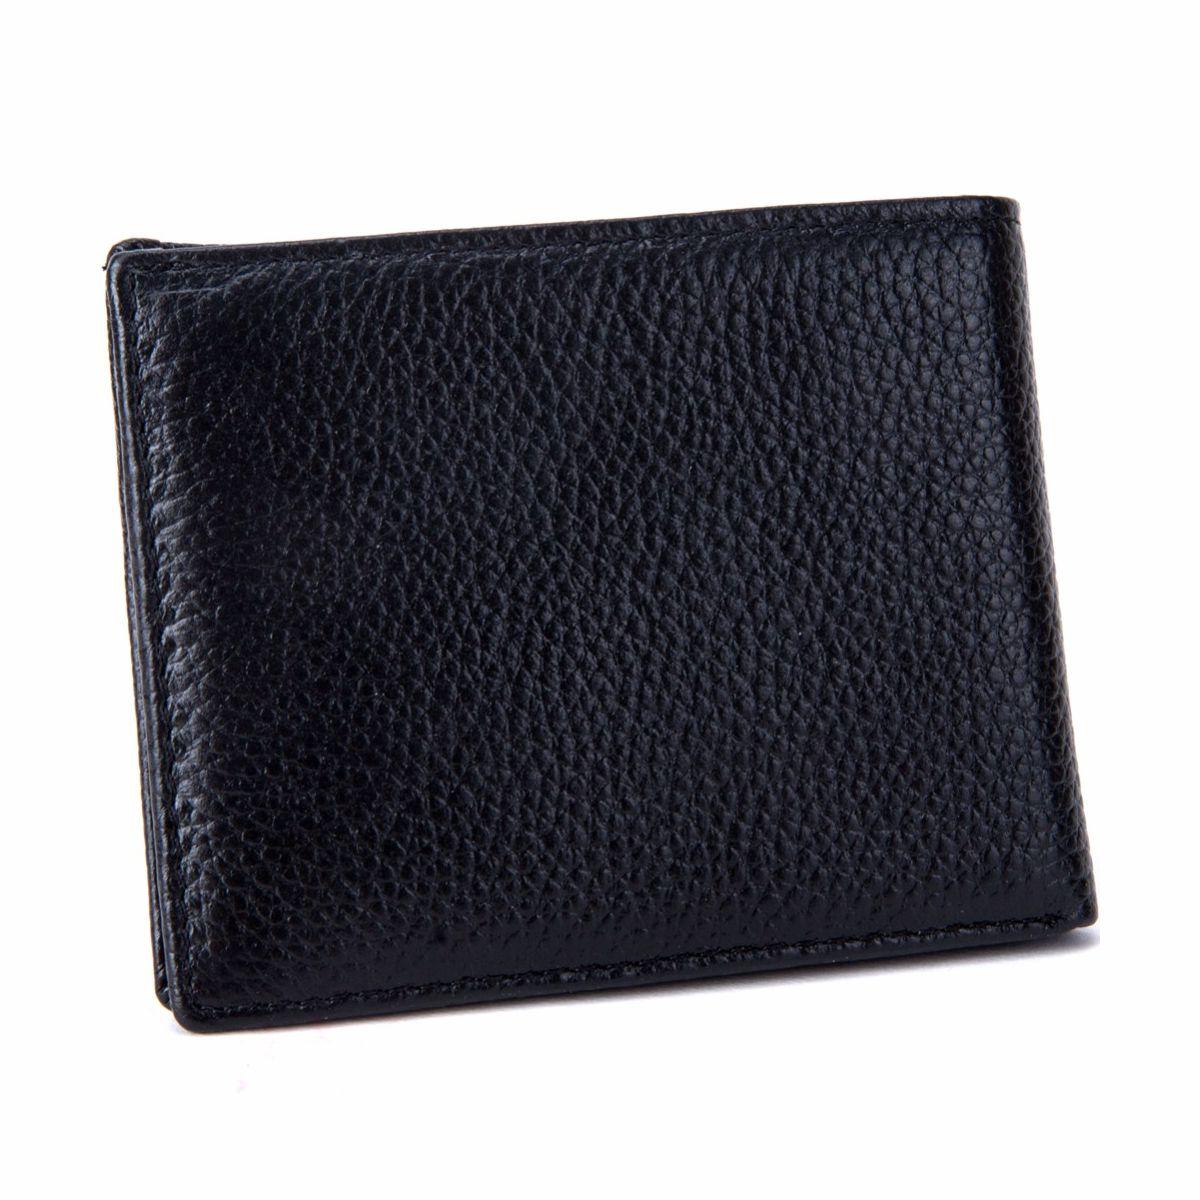 edffcb3b65 Kožená pánska peňaženka z hrubkovanej kože v čiernej farbe